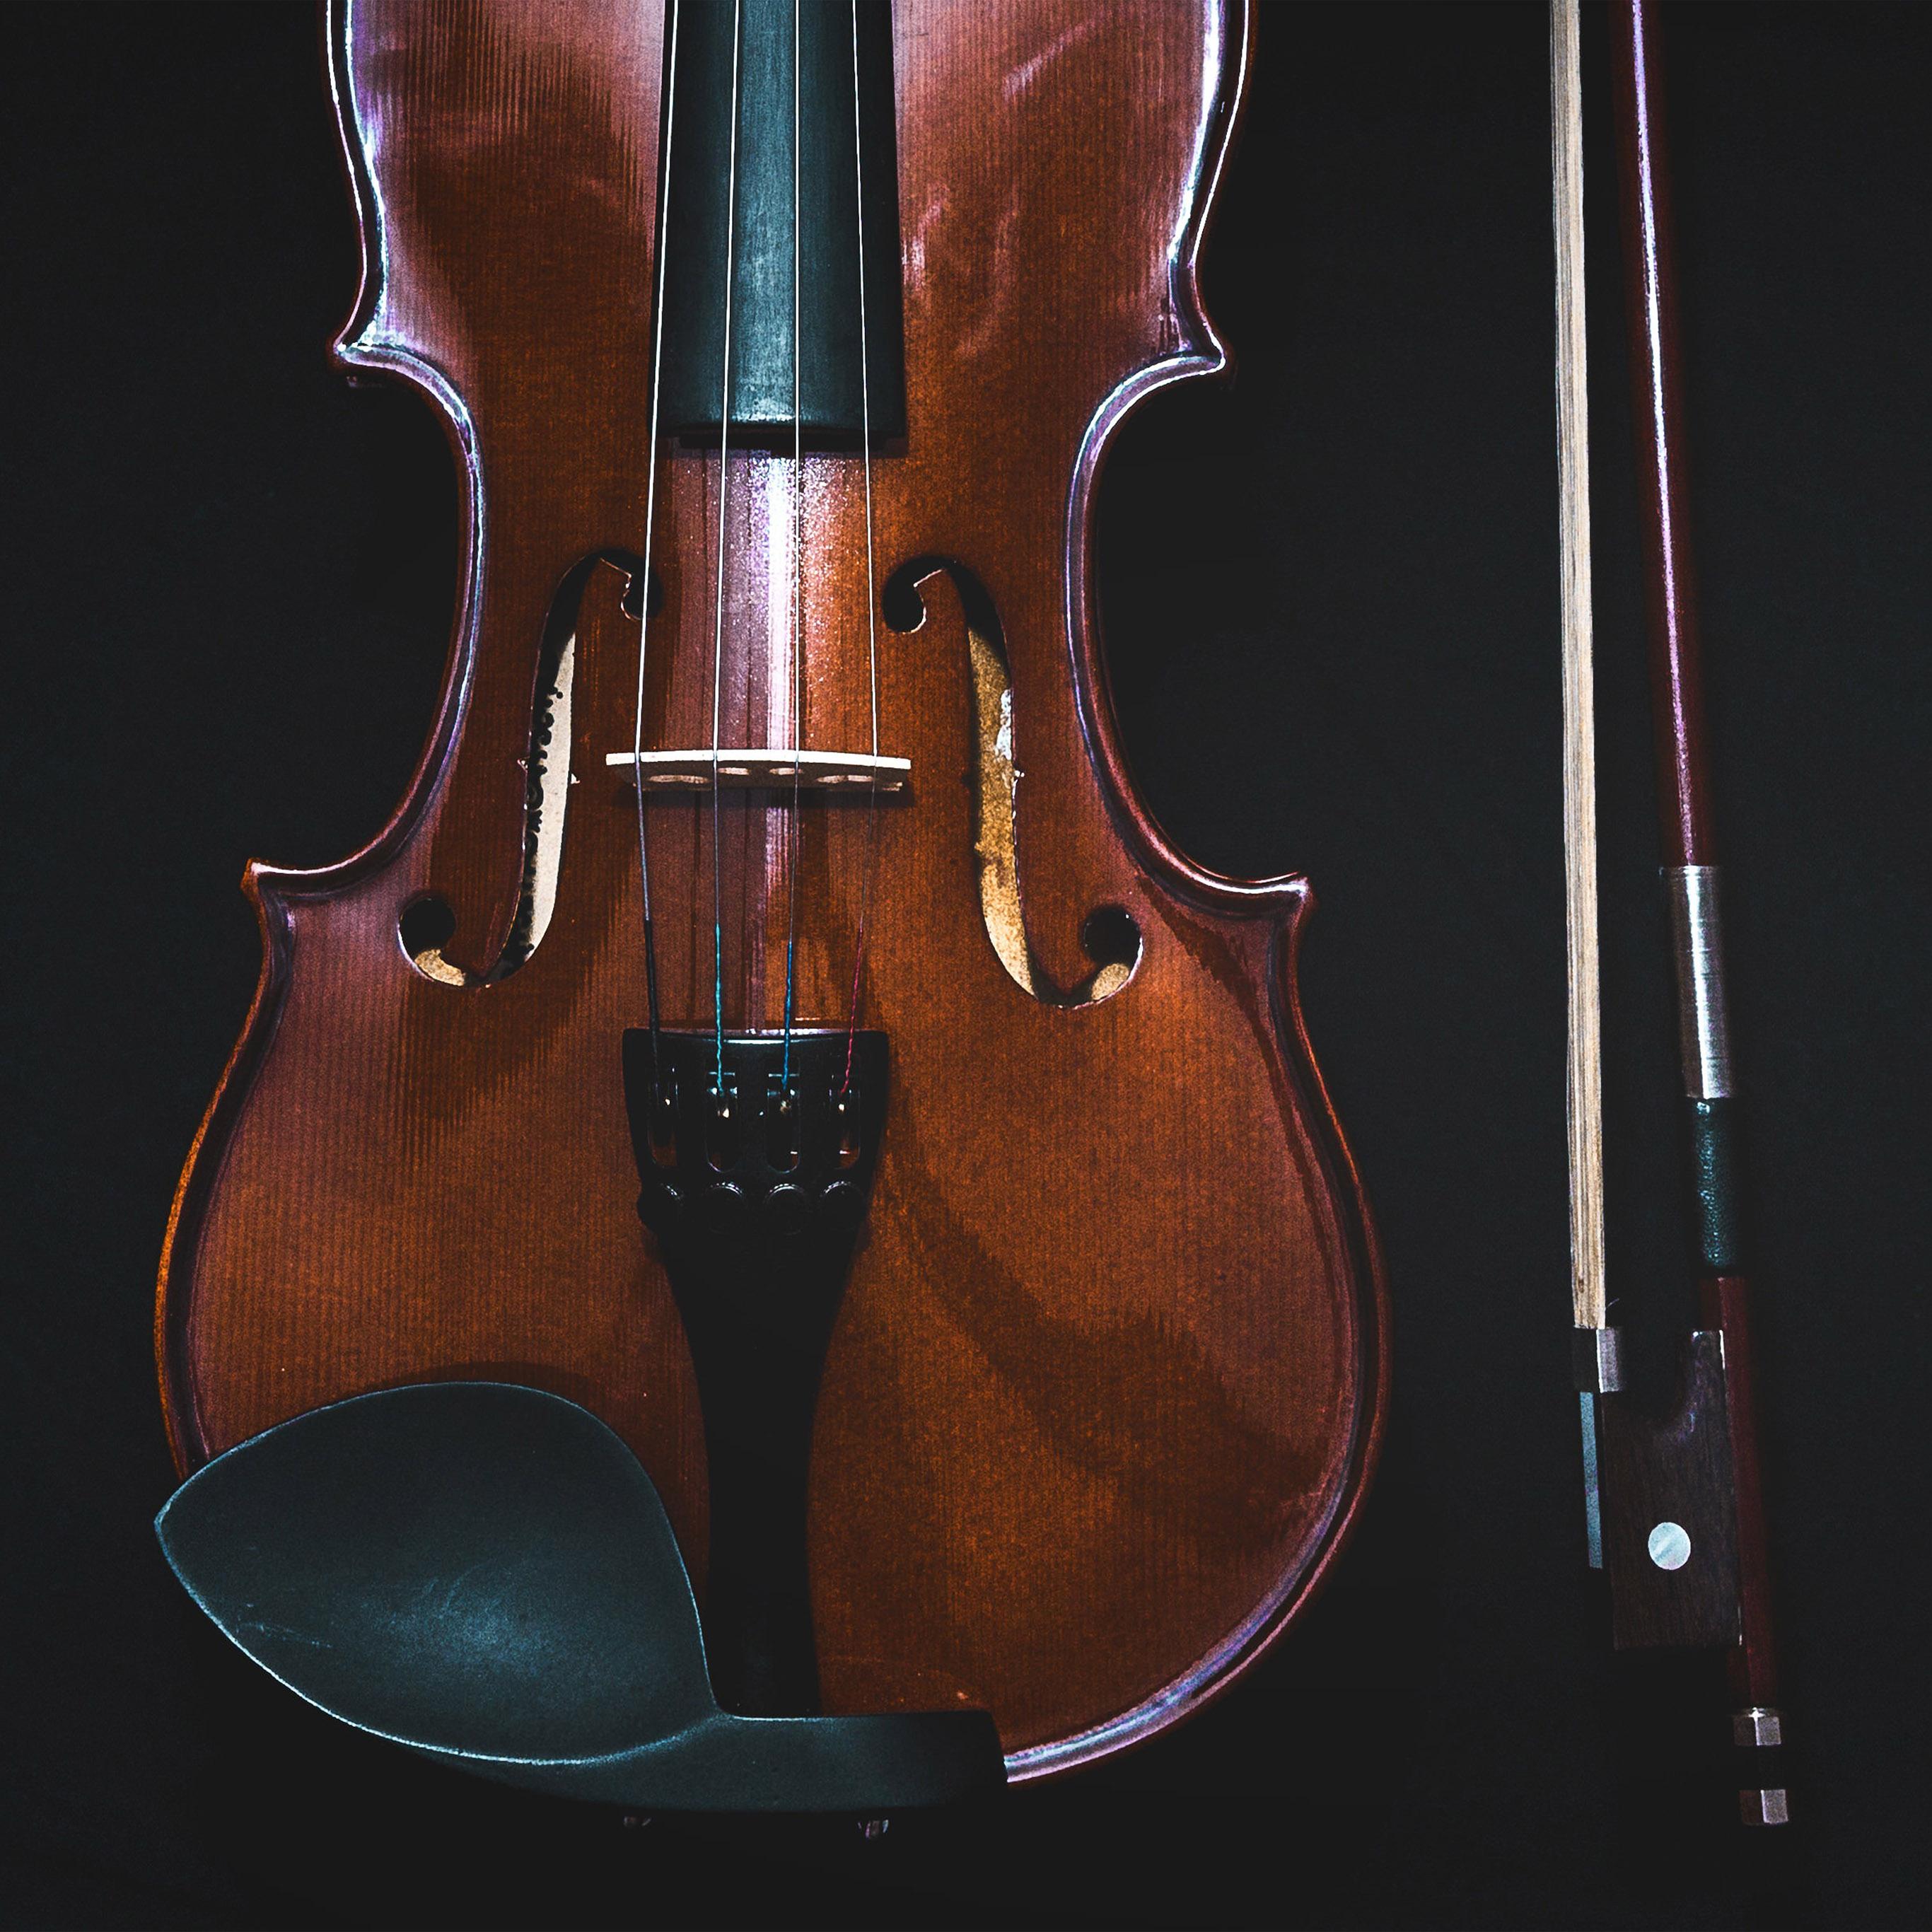 Violin Wallpaper: Nm15-violin-dark-instrument-wallpaper